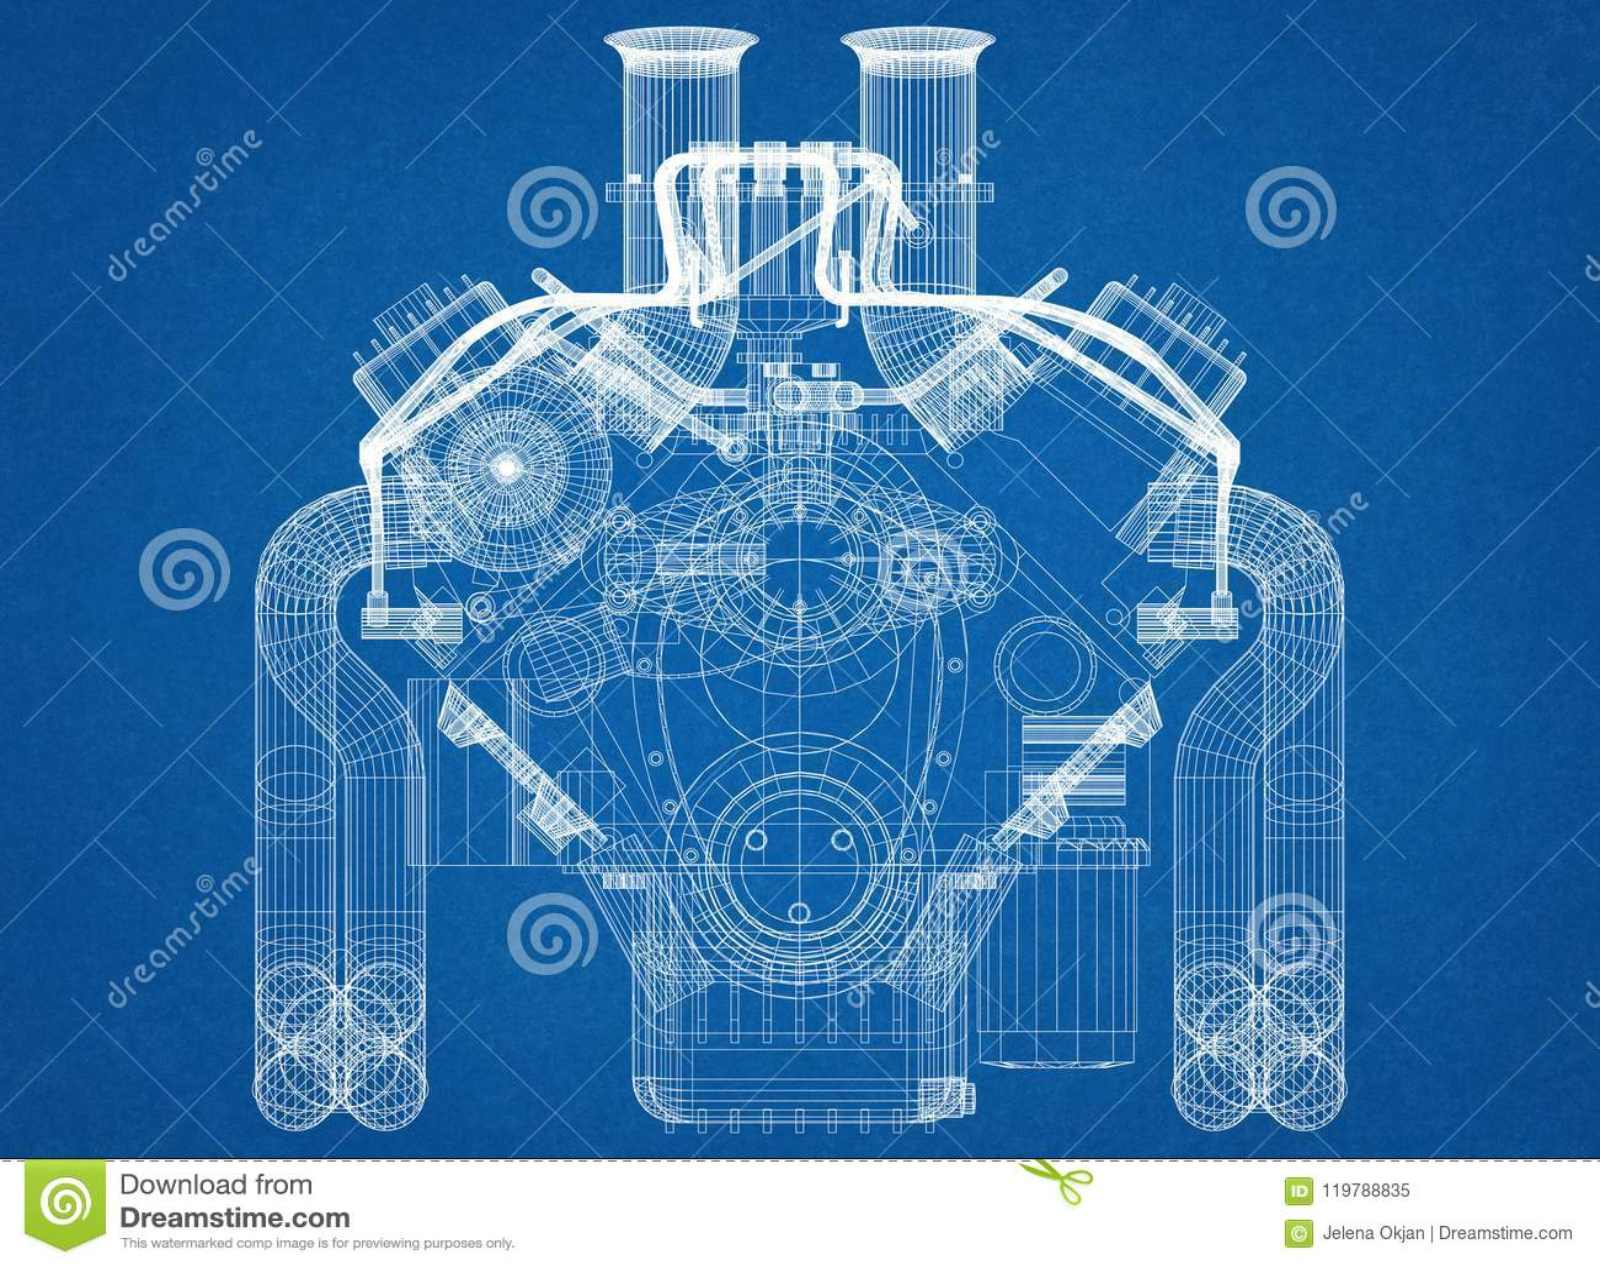 Car engine architect blueprint stock illustration illustration of download car engine architect blueprint stock illustration illustration of fuel architecture 119788835 malvernweather Choice Image